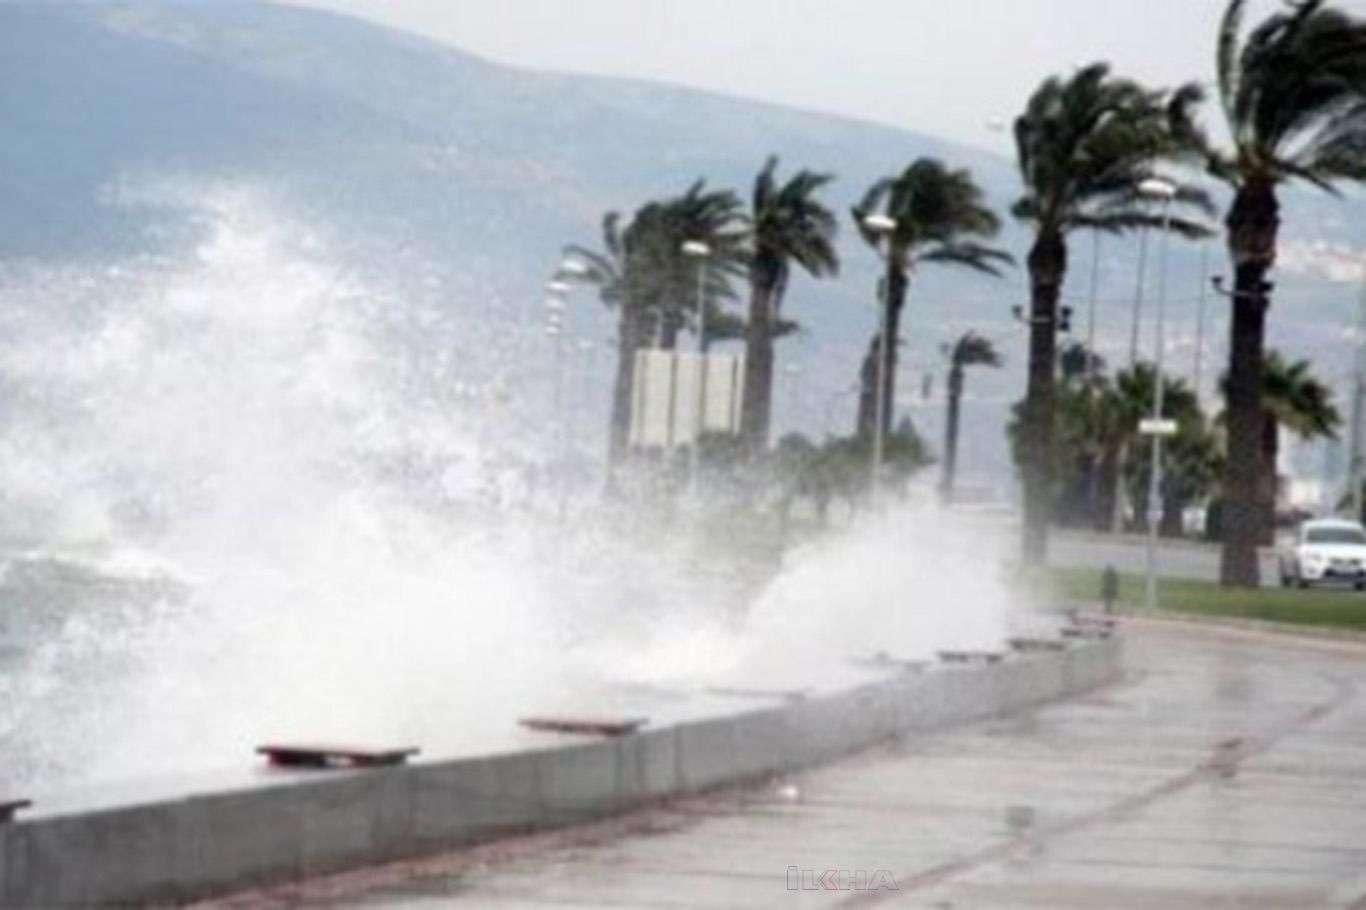 Meteoroloji Uyardı: Bu Gece Bazı Bölgeler İçin Fırtına Ve Yağış